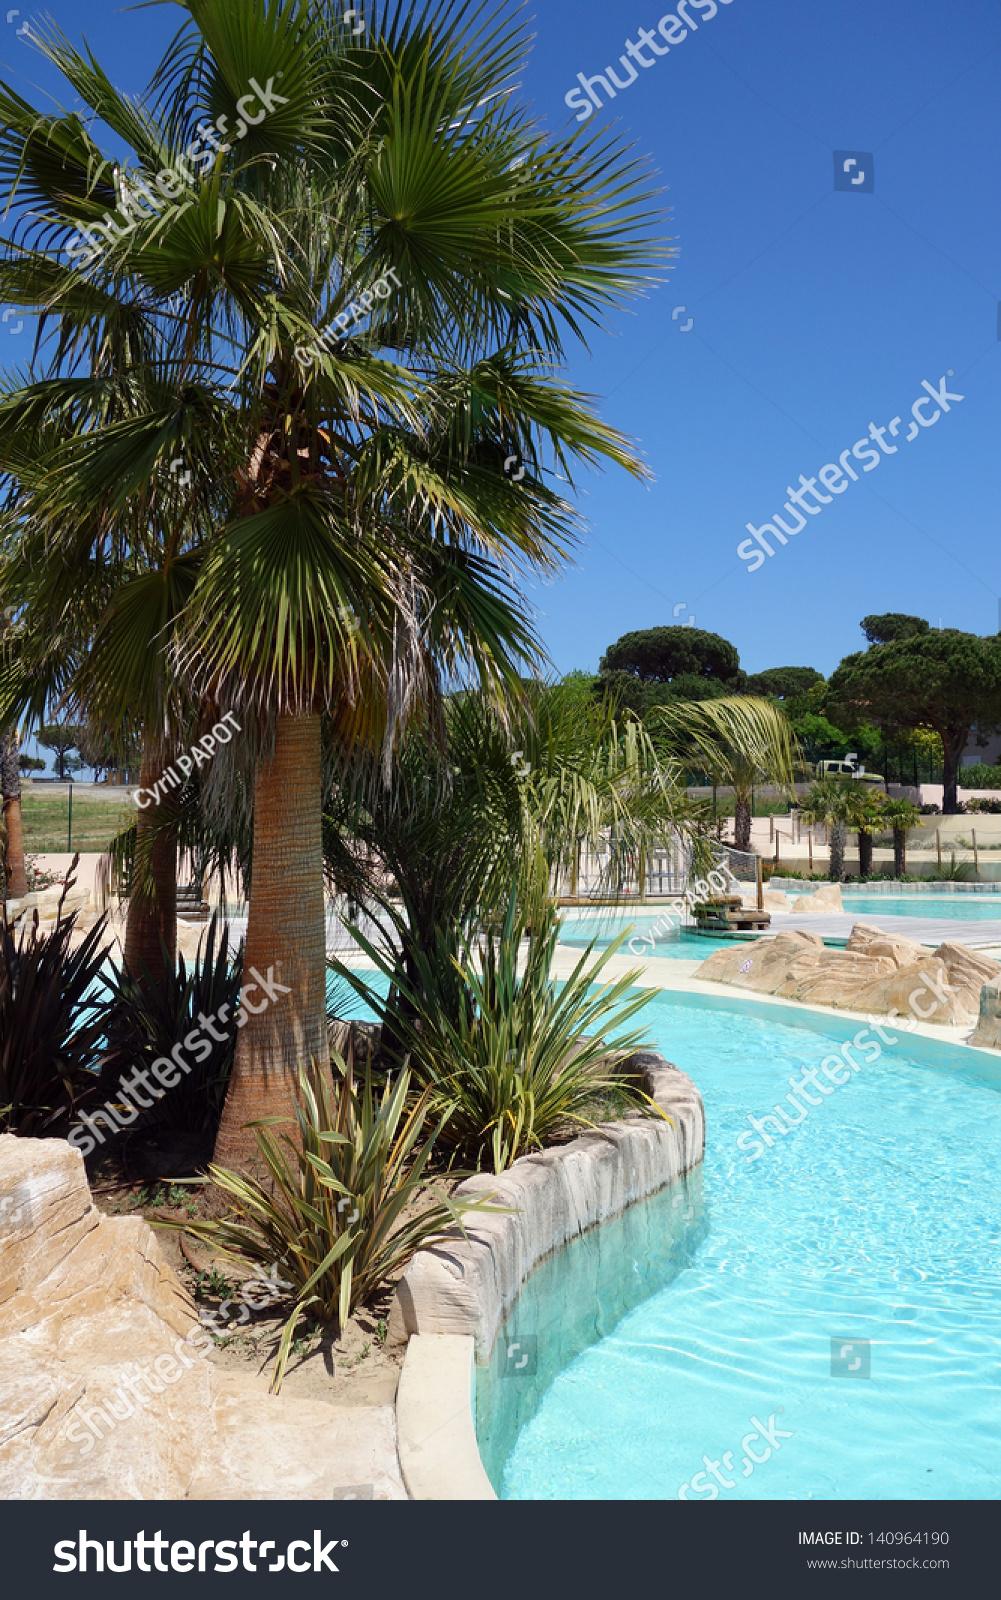 Piscine d 39 un club de vacances stock photo 140964190 for Club de piscine